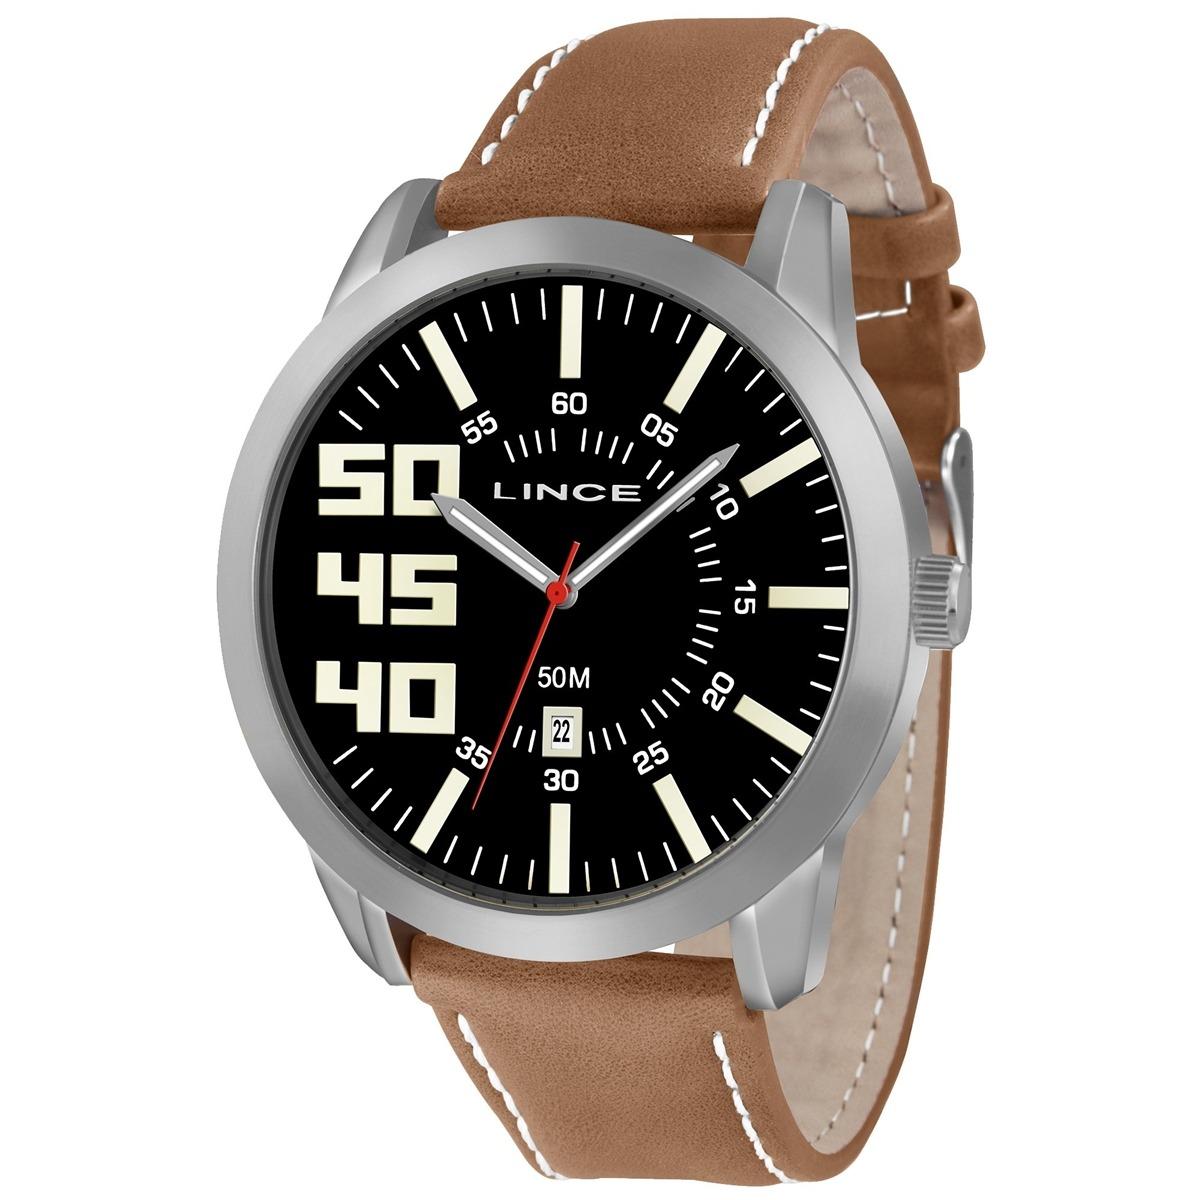 47b05576d6f Relógio Masculino Lince Mrc4332s P2mb Prata - R  211